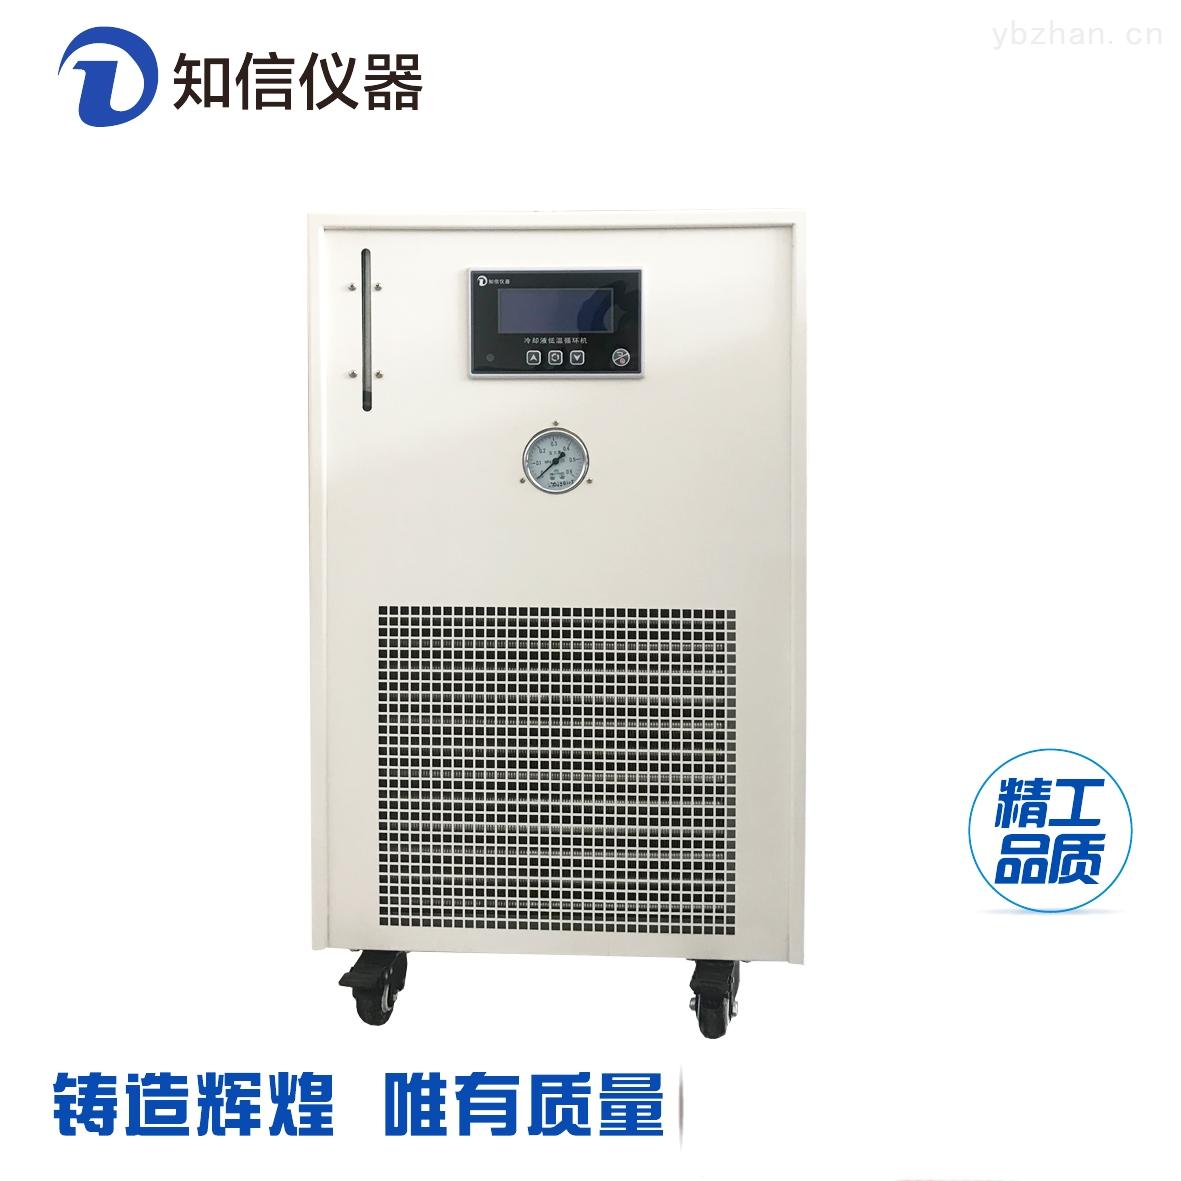 ZX-LSJ-2000-特价水冷冷水机